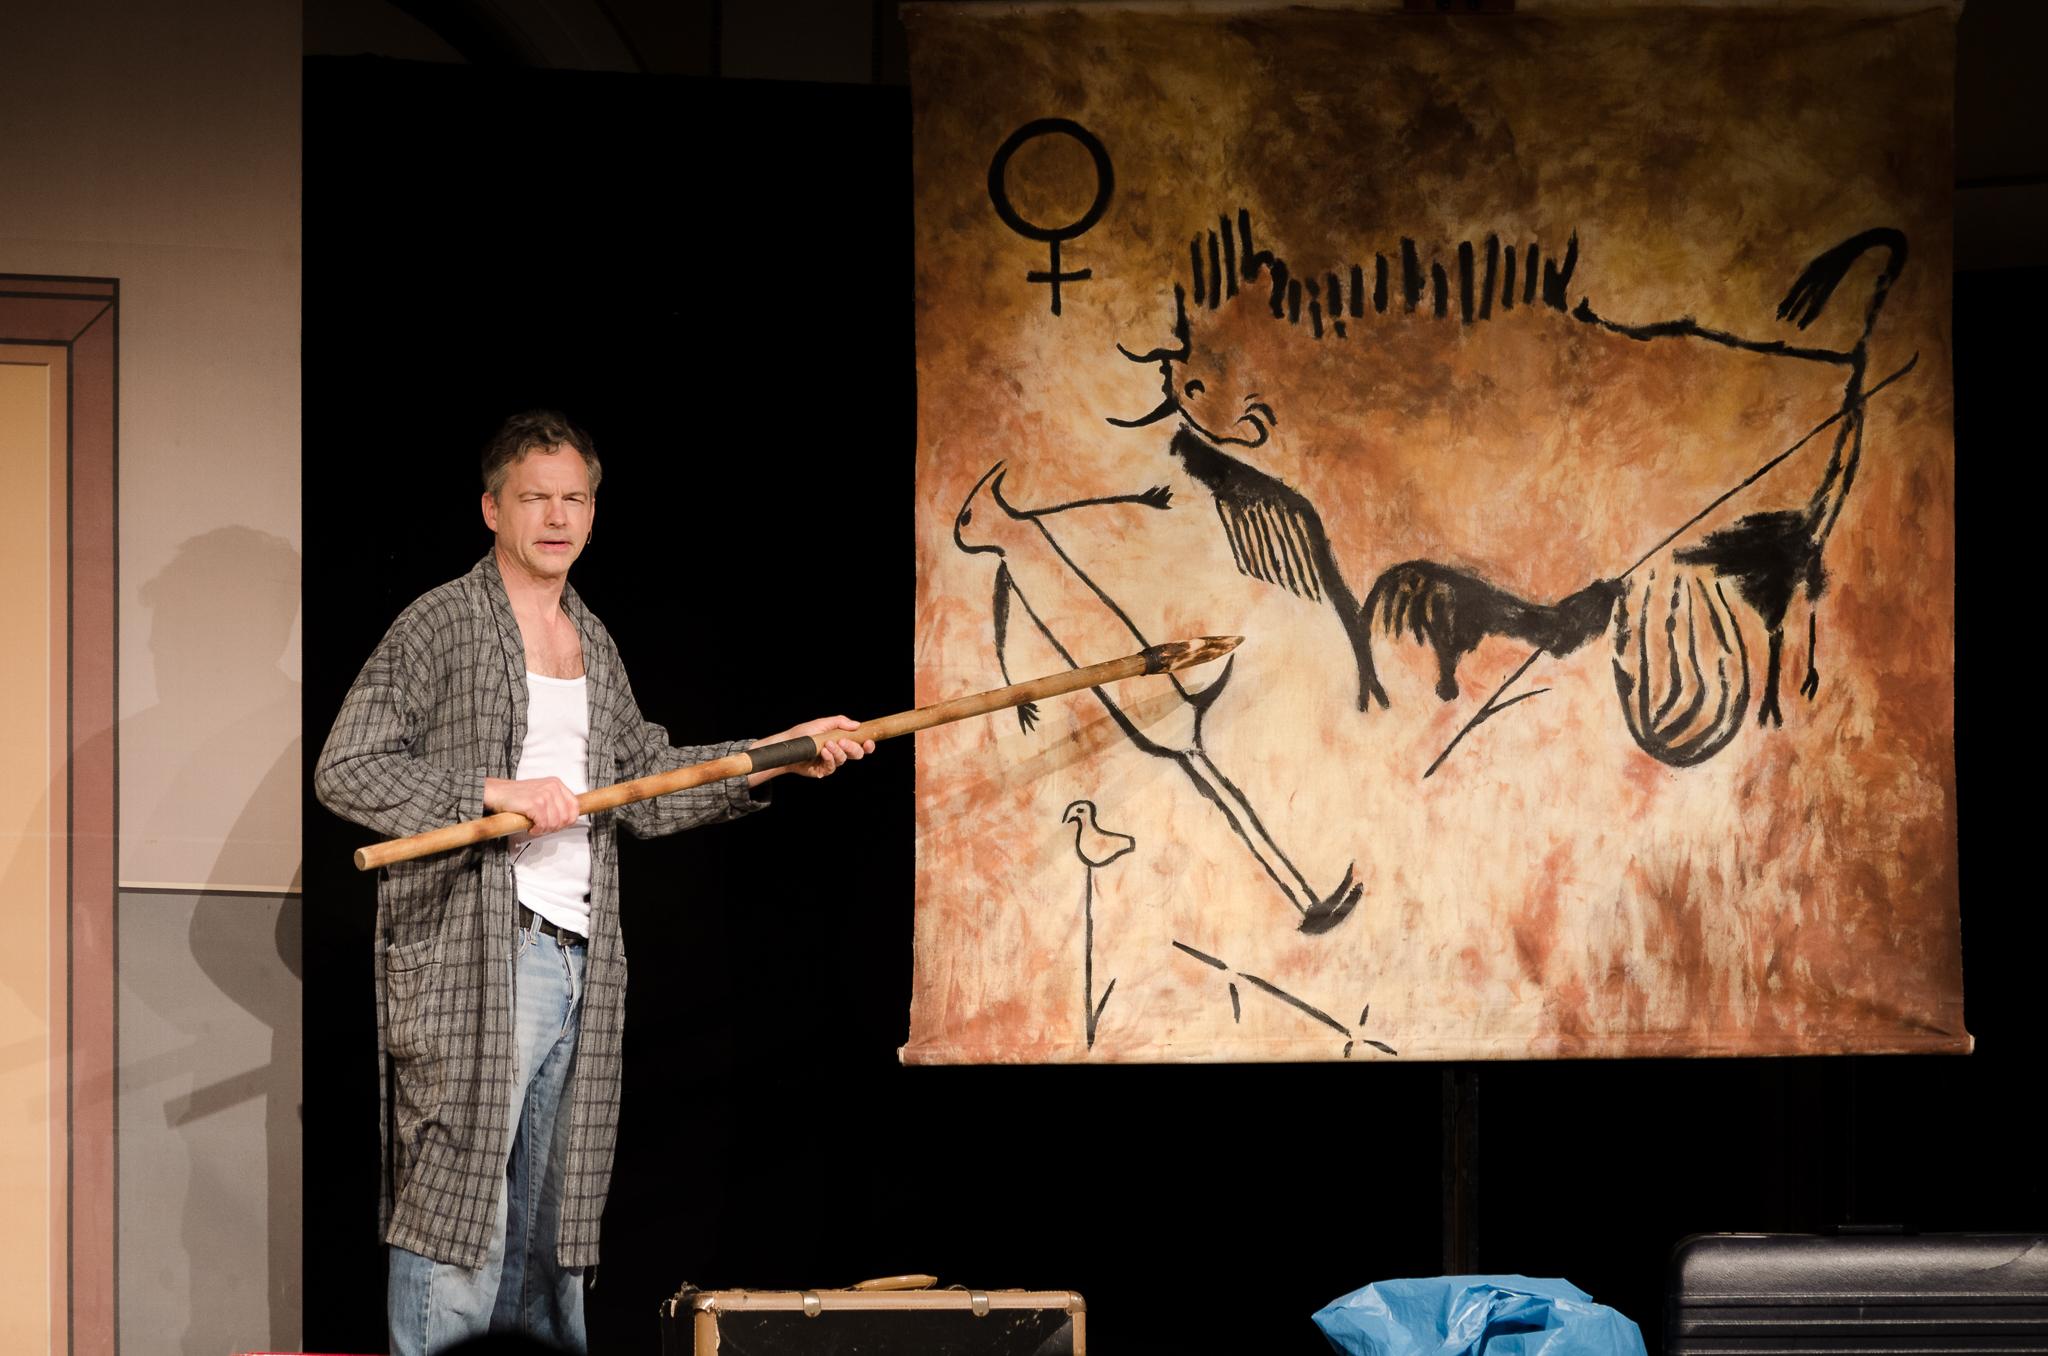 20170519_Wiesbadener_Burgfestspiele_Caveman-2381.jpg